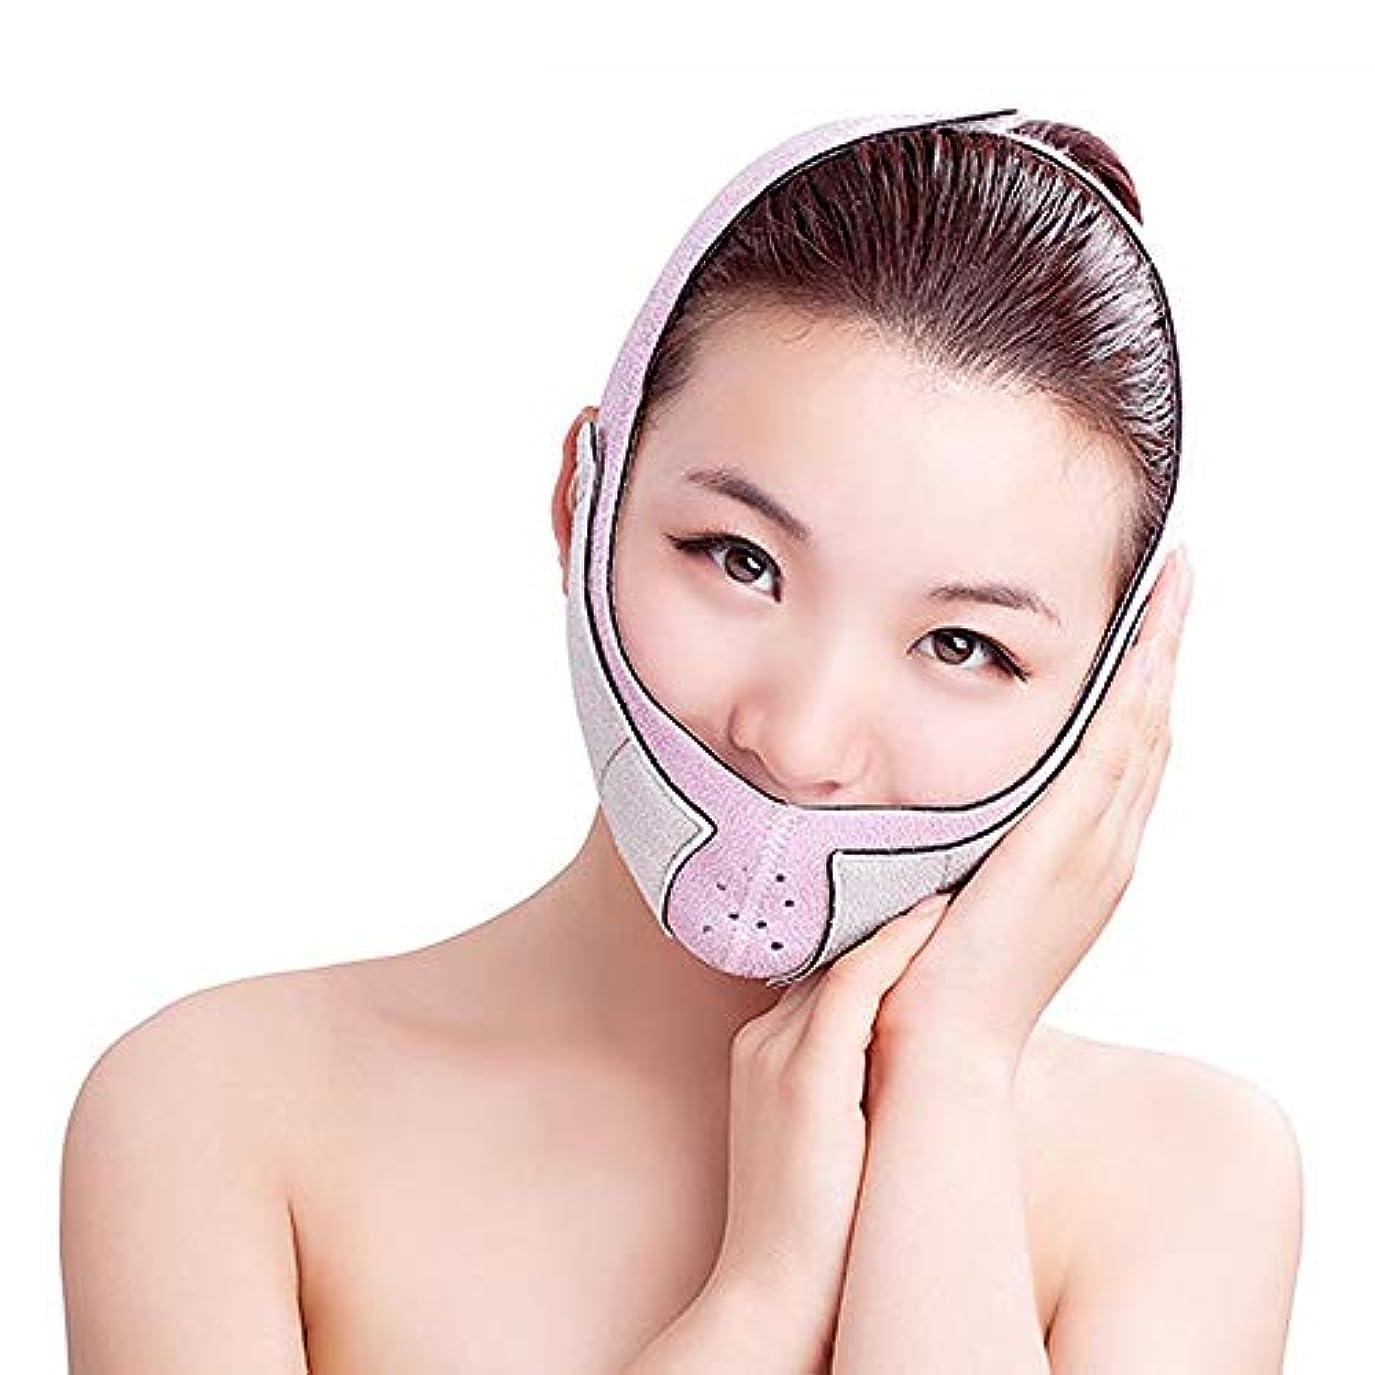 空中狂気測るフェイスリフトベルト 薄い顔のベルト - 薄い顔のベルト通気性の補正3D薄い顔のV顔のベルトの包帯薄い顔のアーティファクト (色 : B)